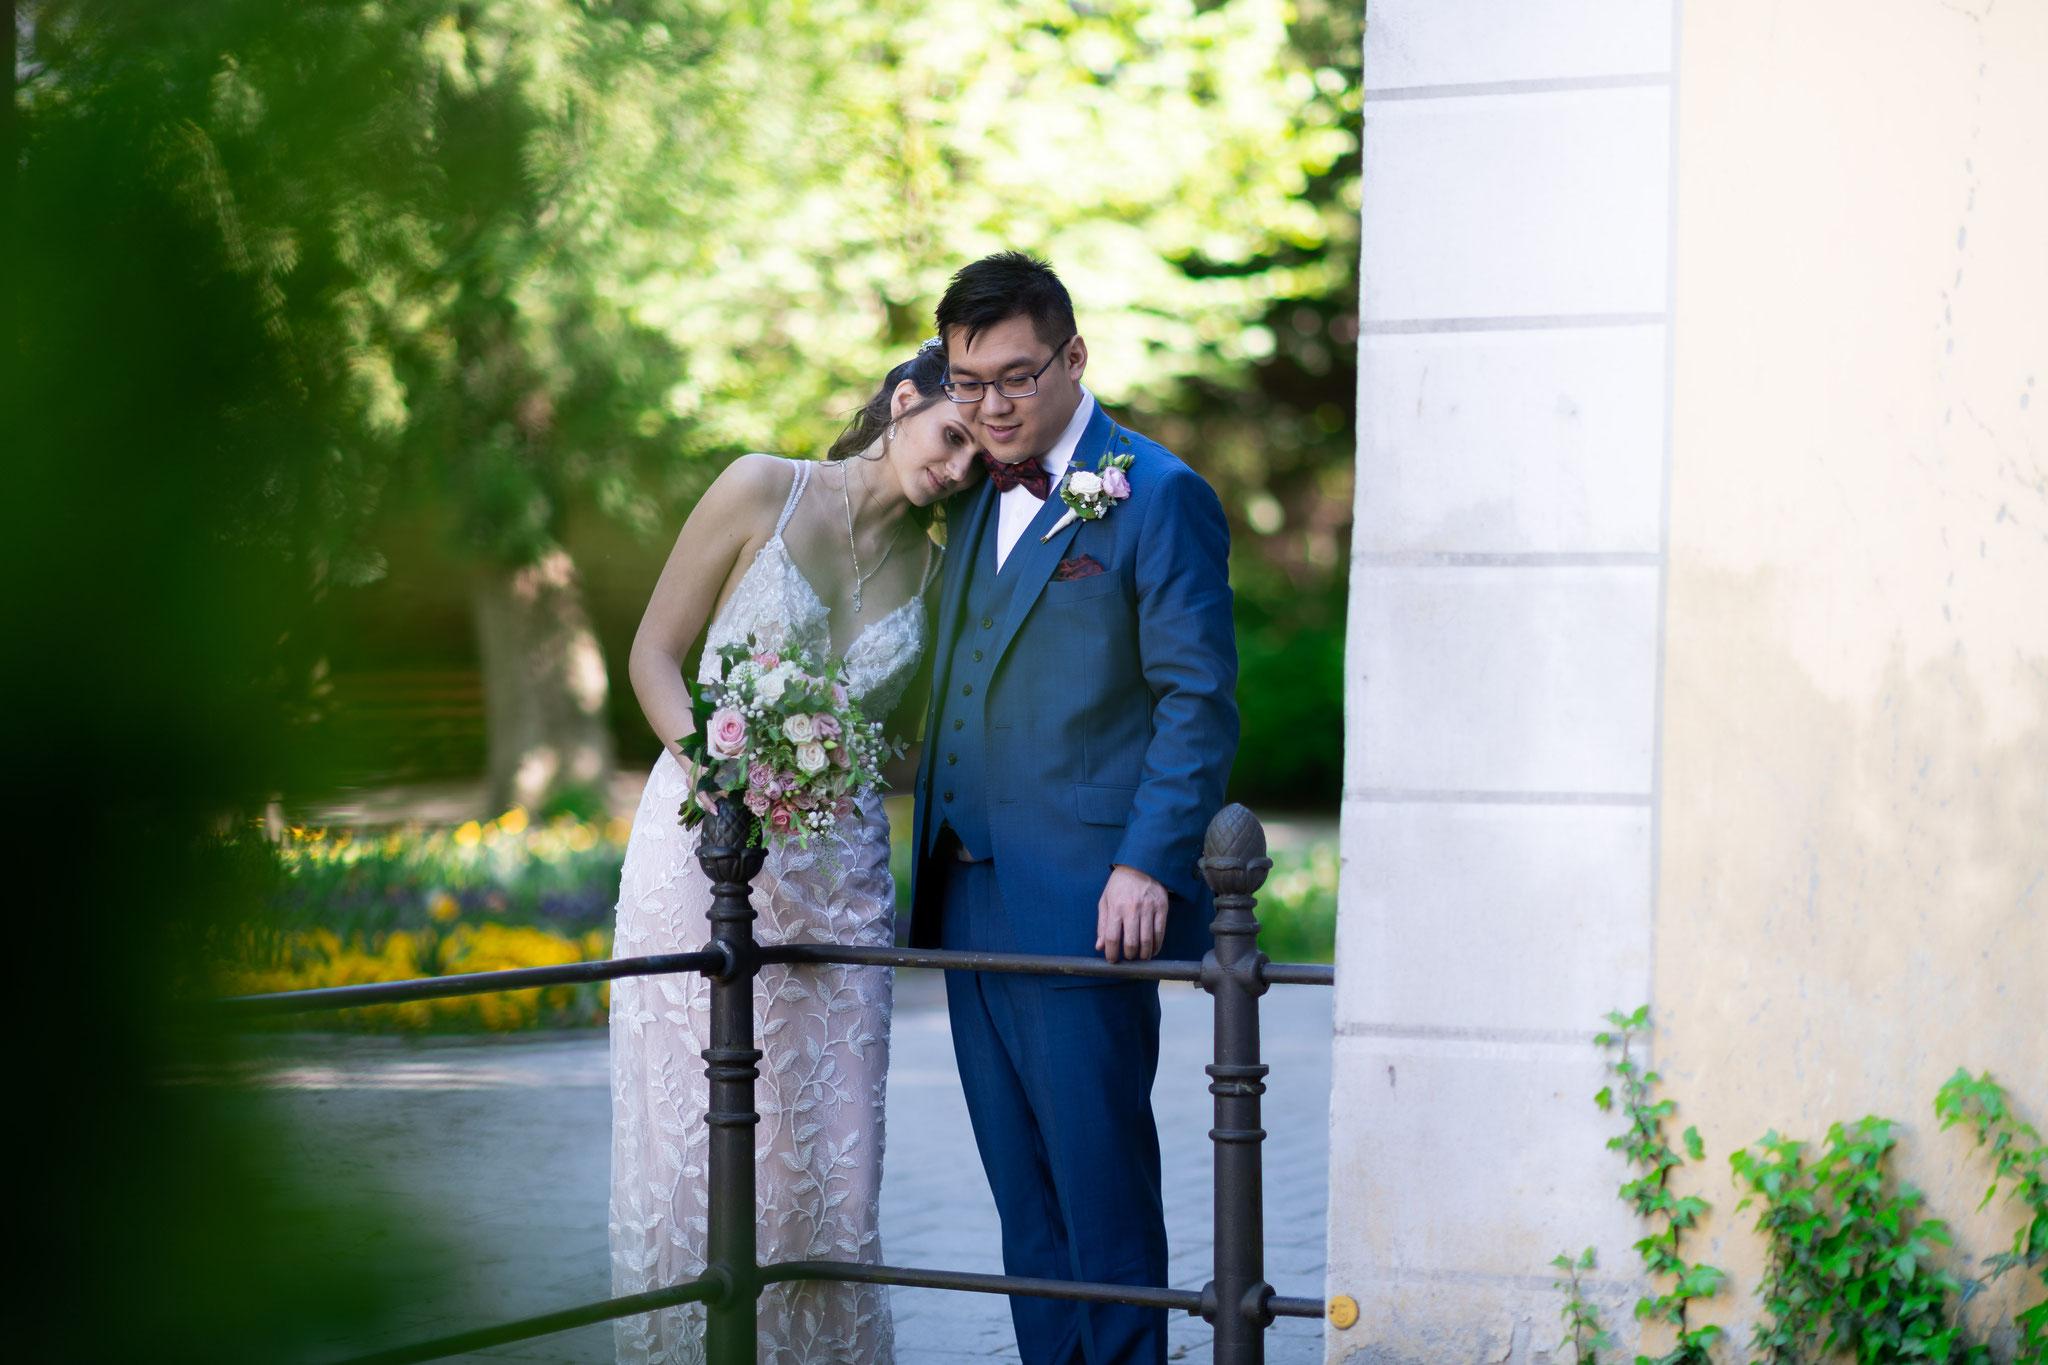 Meine Hochzeit vom Hochzeitsfotografen fotografieren lassen